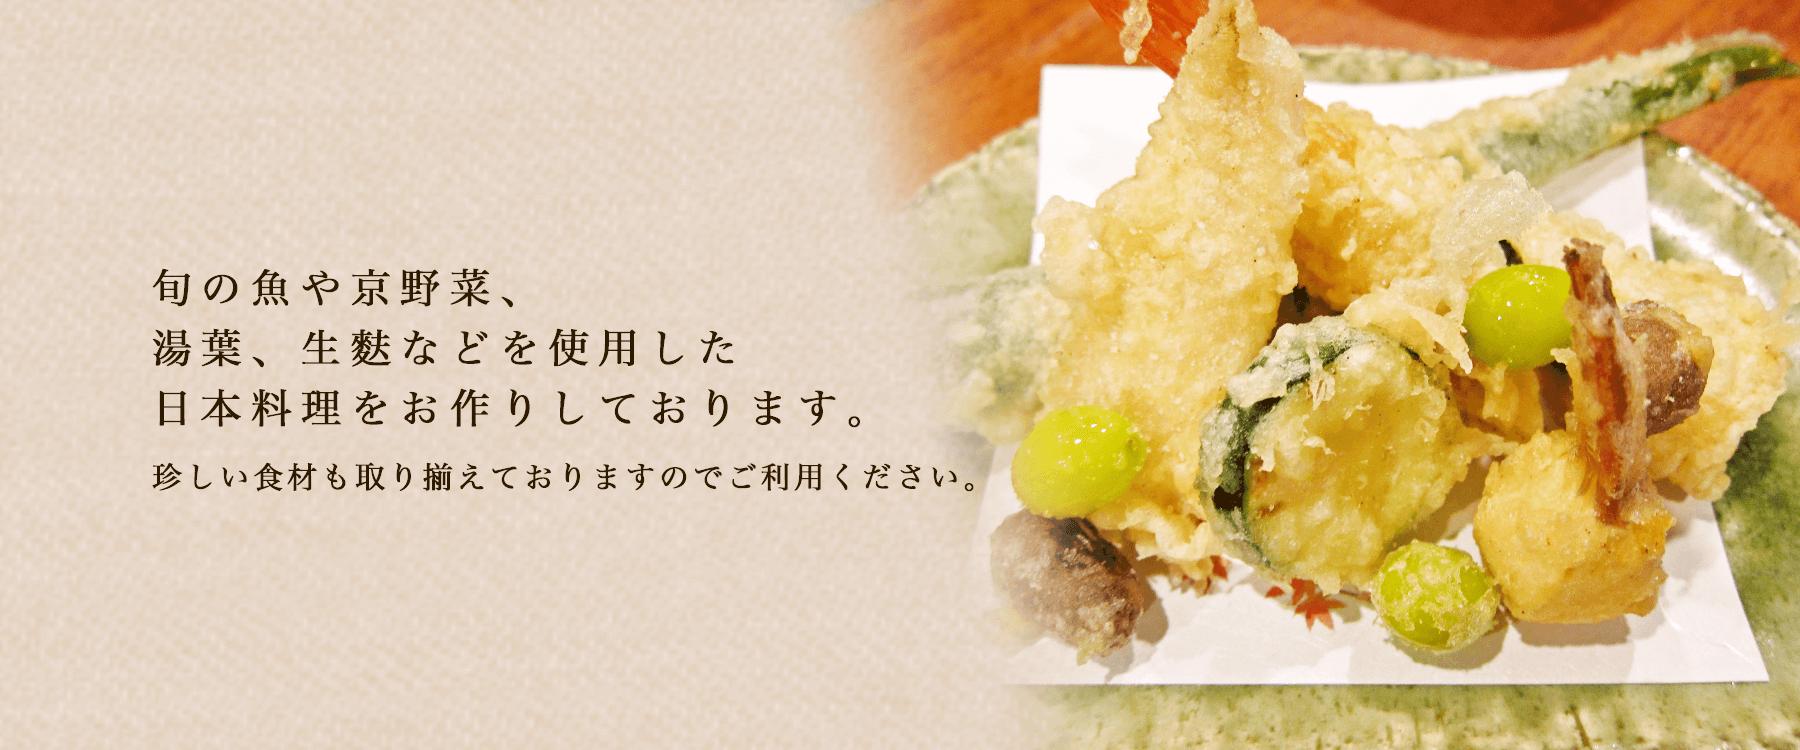 おまかせ料理 田中増やすとフェード